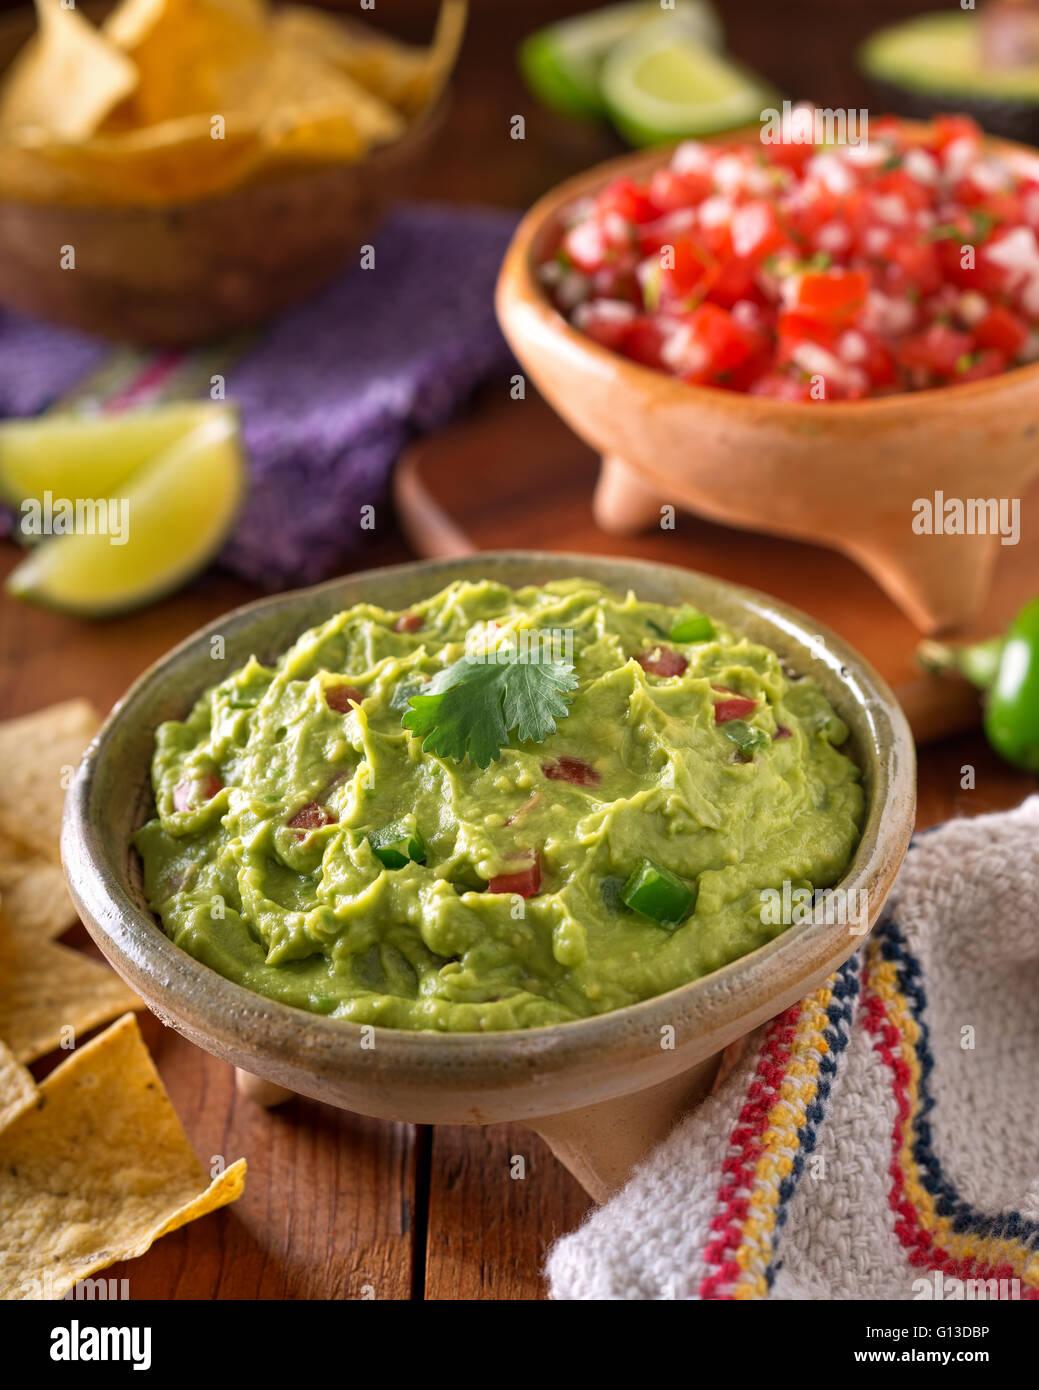 Eine Köstliche Authentische Mexikanische Guacamole Dip Mit Avocado